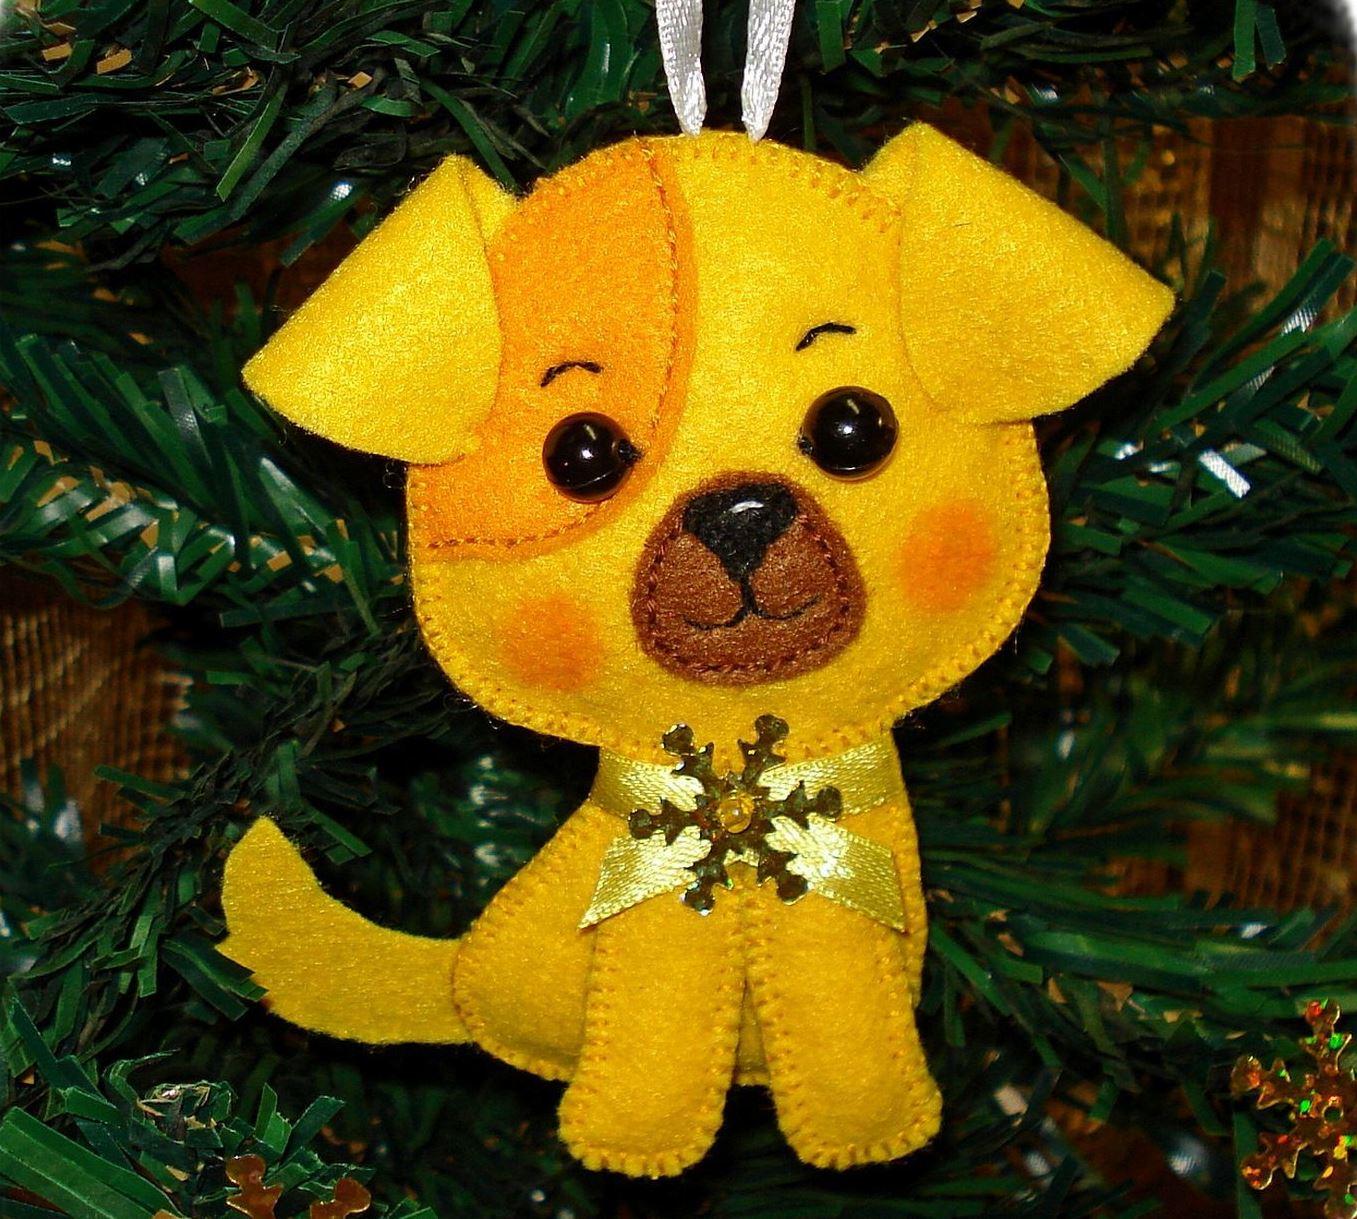 Ziemassvētku rotaļlietu suns